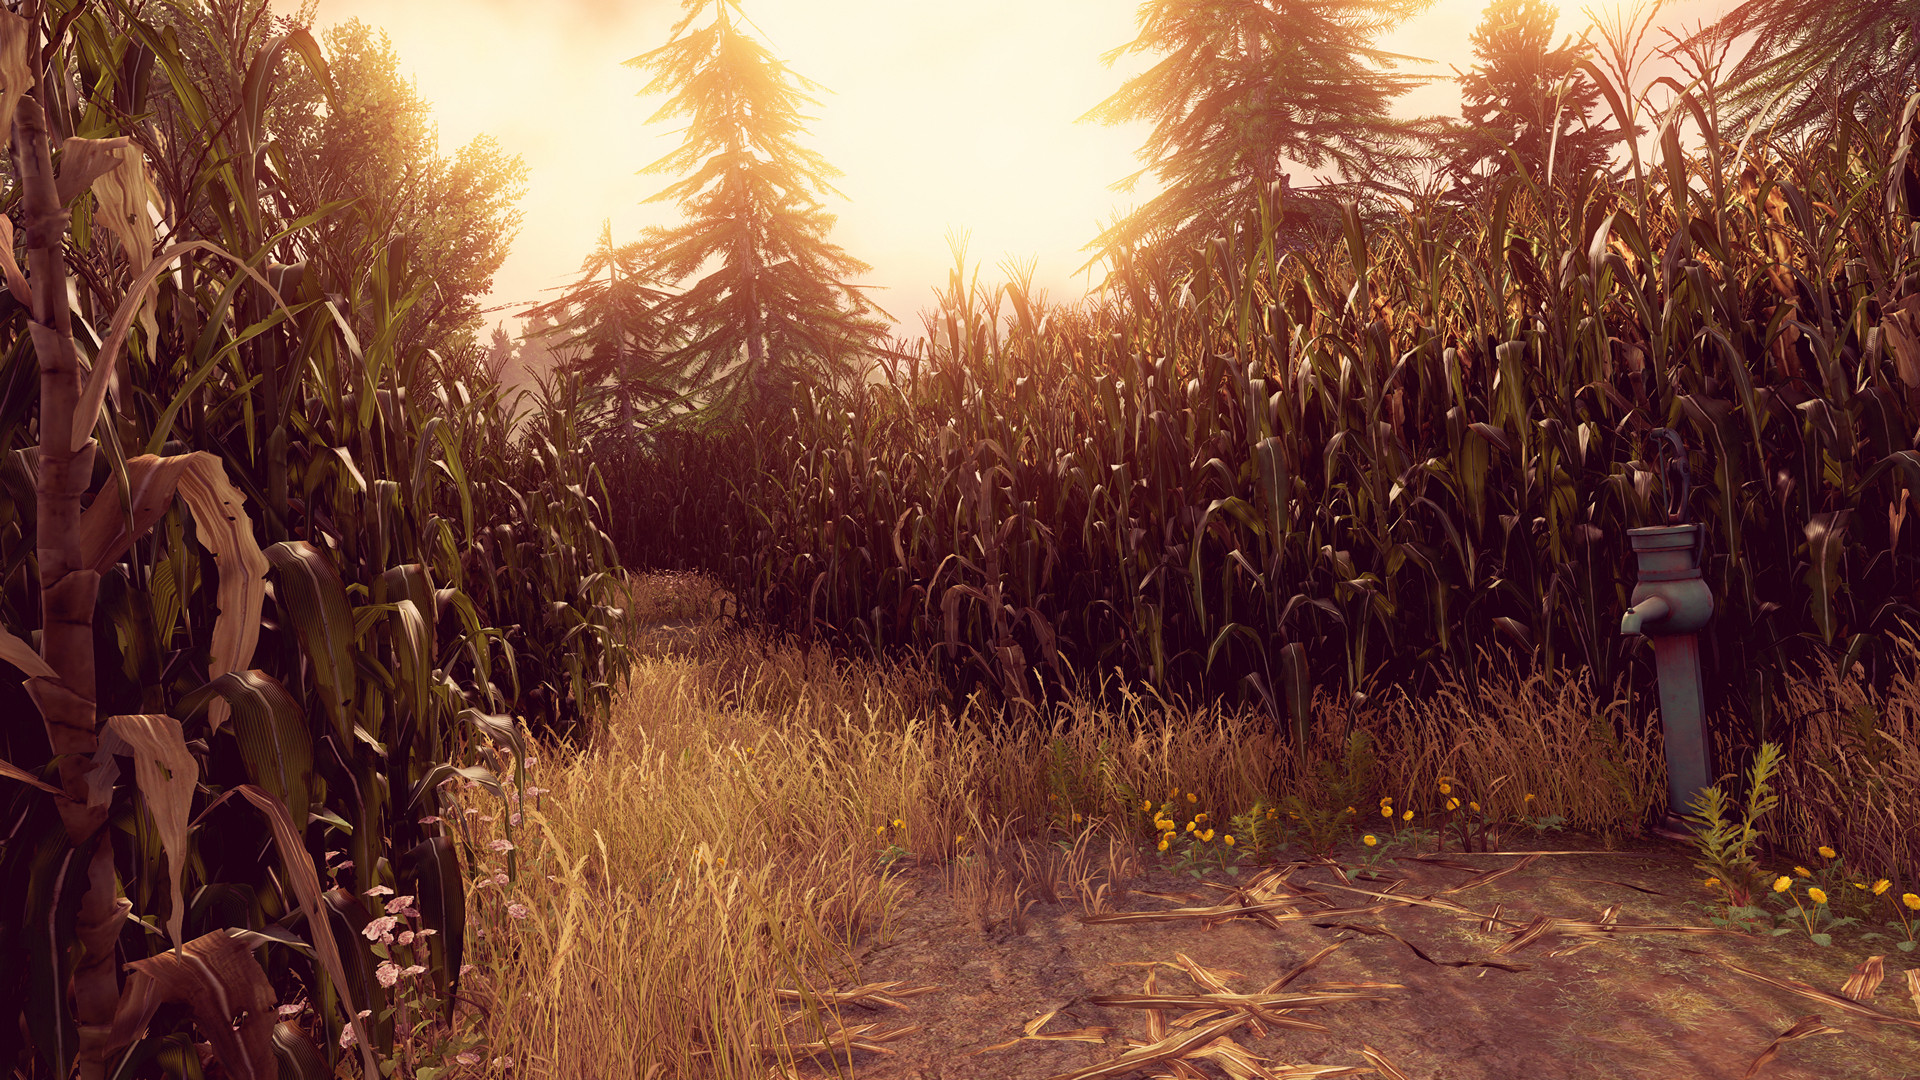 Eddie faria corn